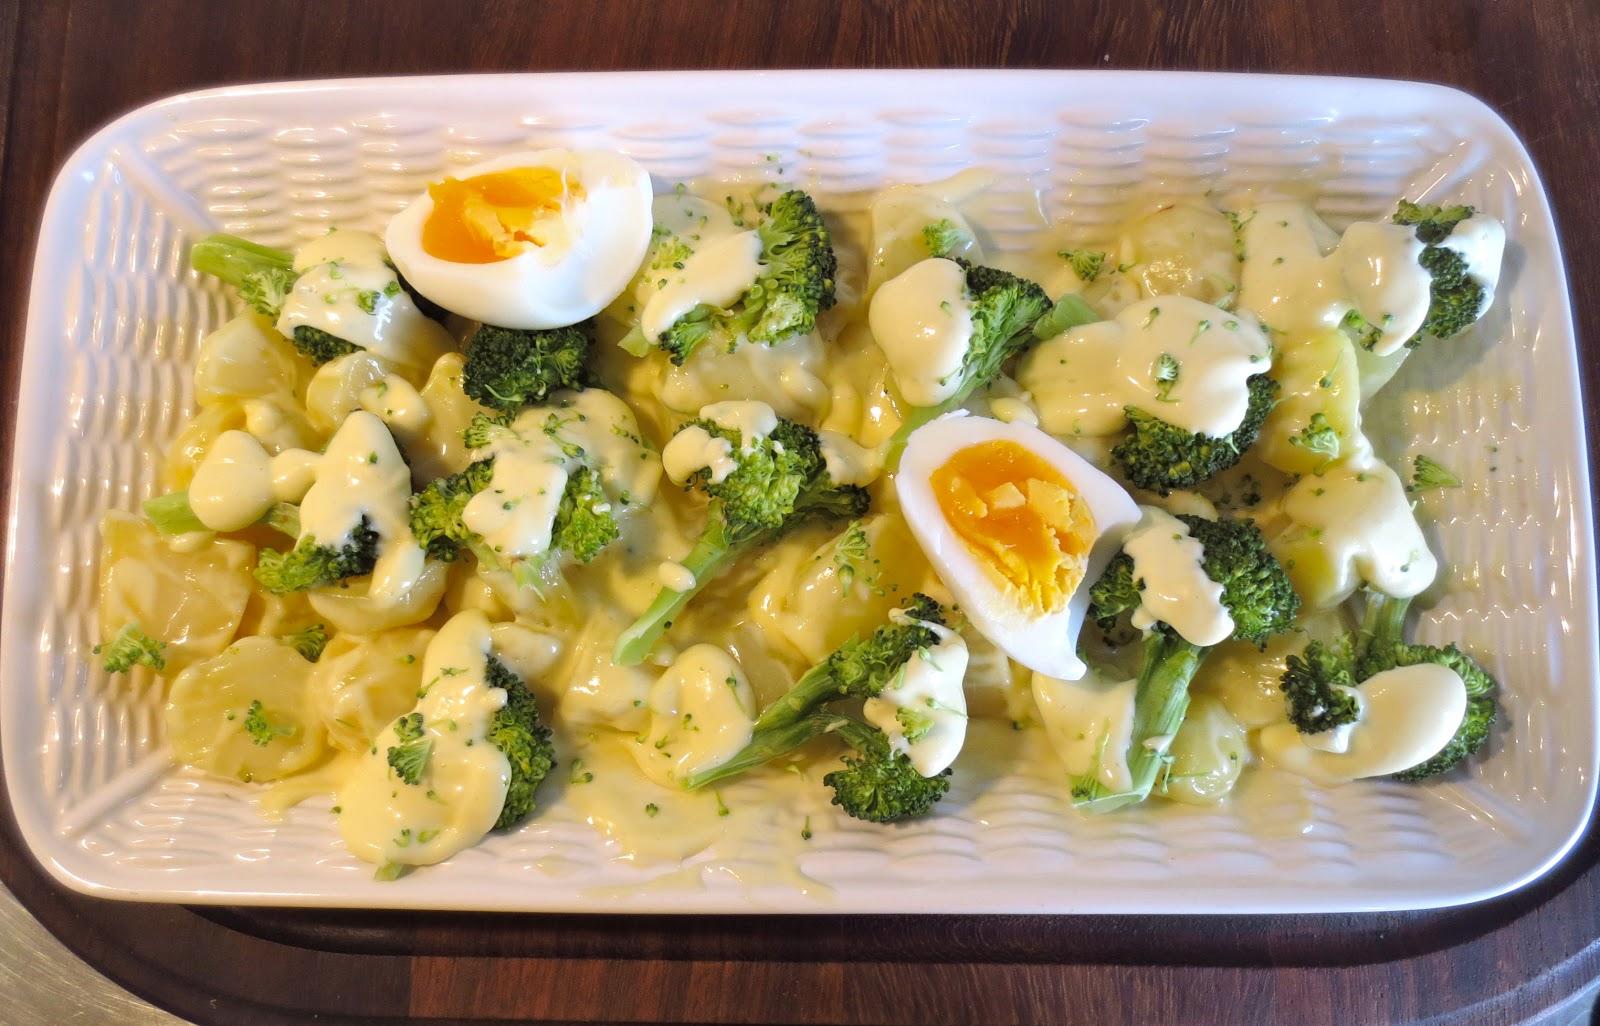 Como Cocinar Brocoli Hervido | Mamuchi En La Cocina Ensalada De Patata Y Brocoli Al Vapor Y En